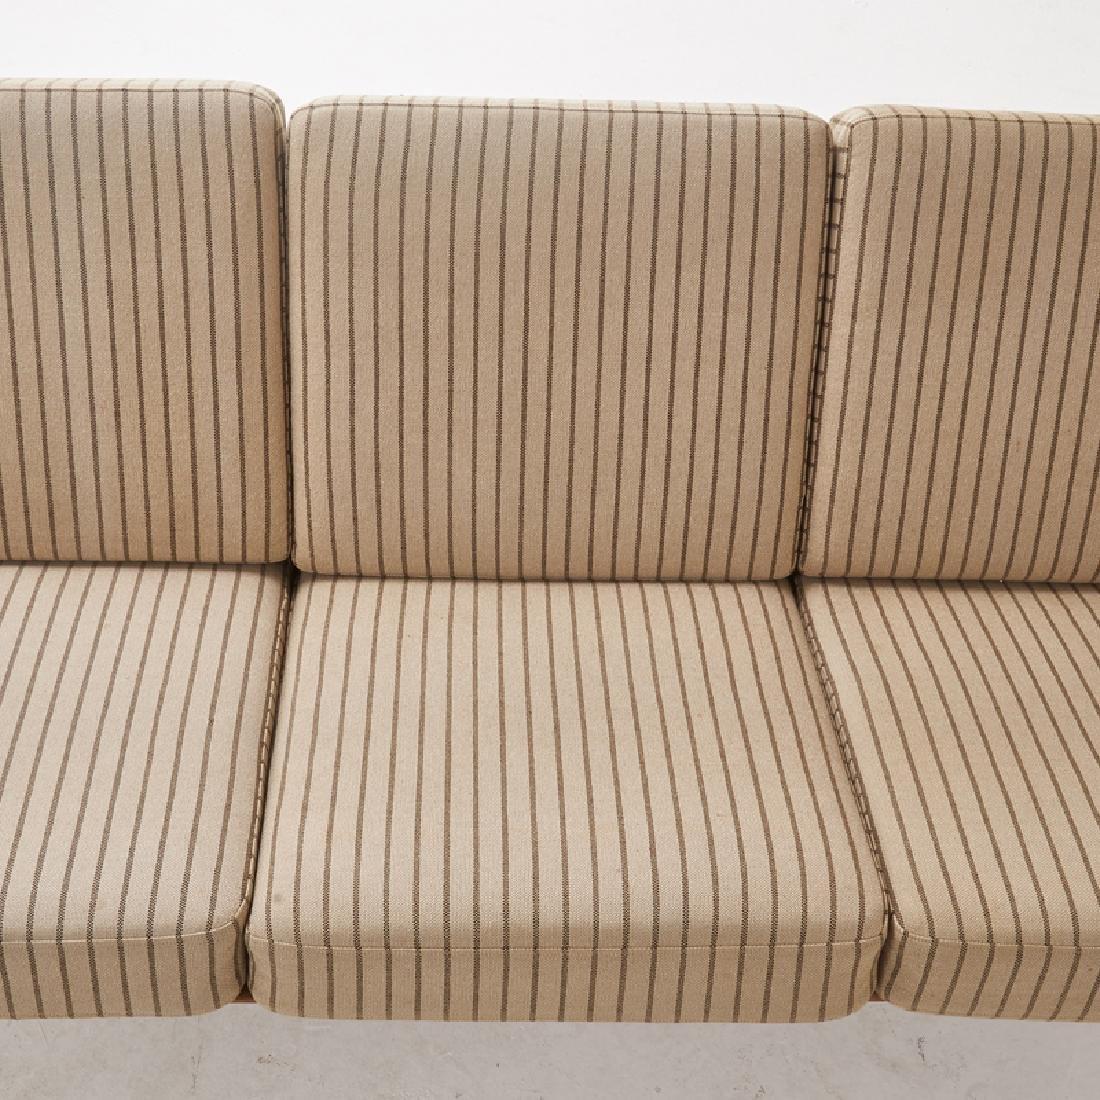 HANS WEGNER Paddle Arm Sofa - 4